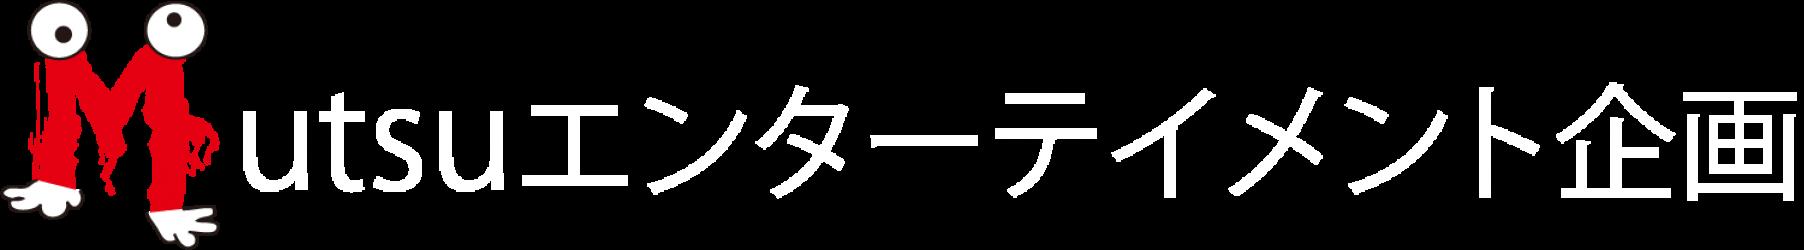 踊る演劇集団 ムツキカっ!!